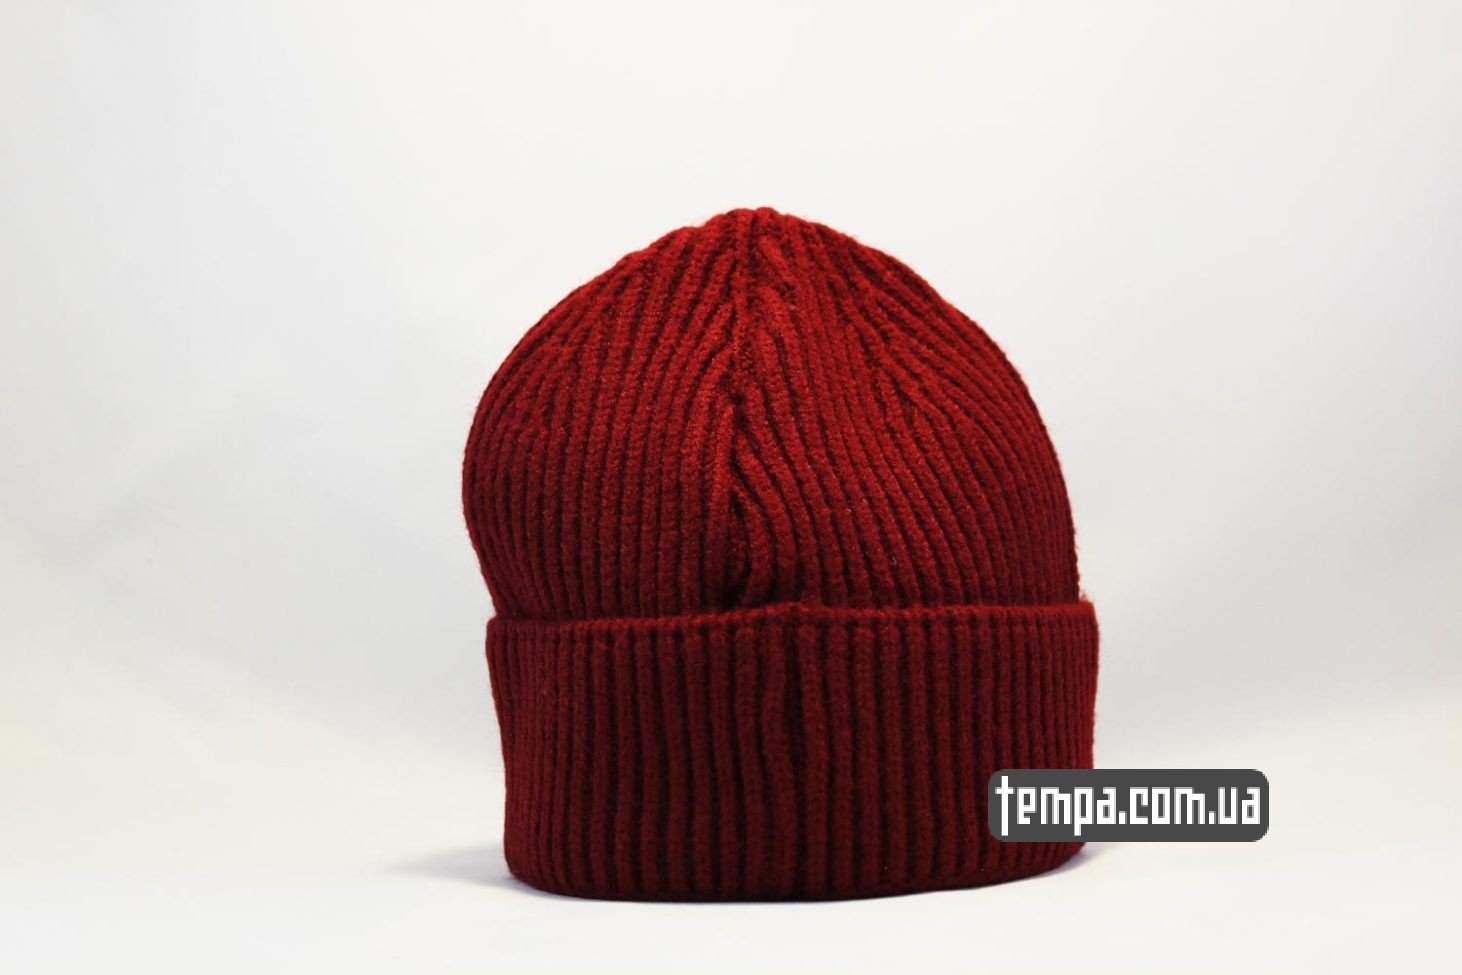 бини что это шапка beanie Carhartt red красная купить